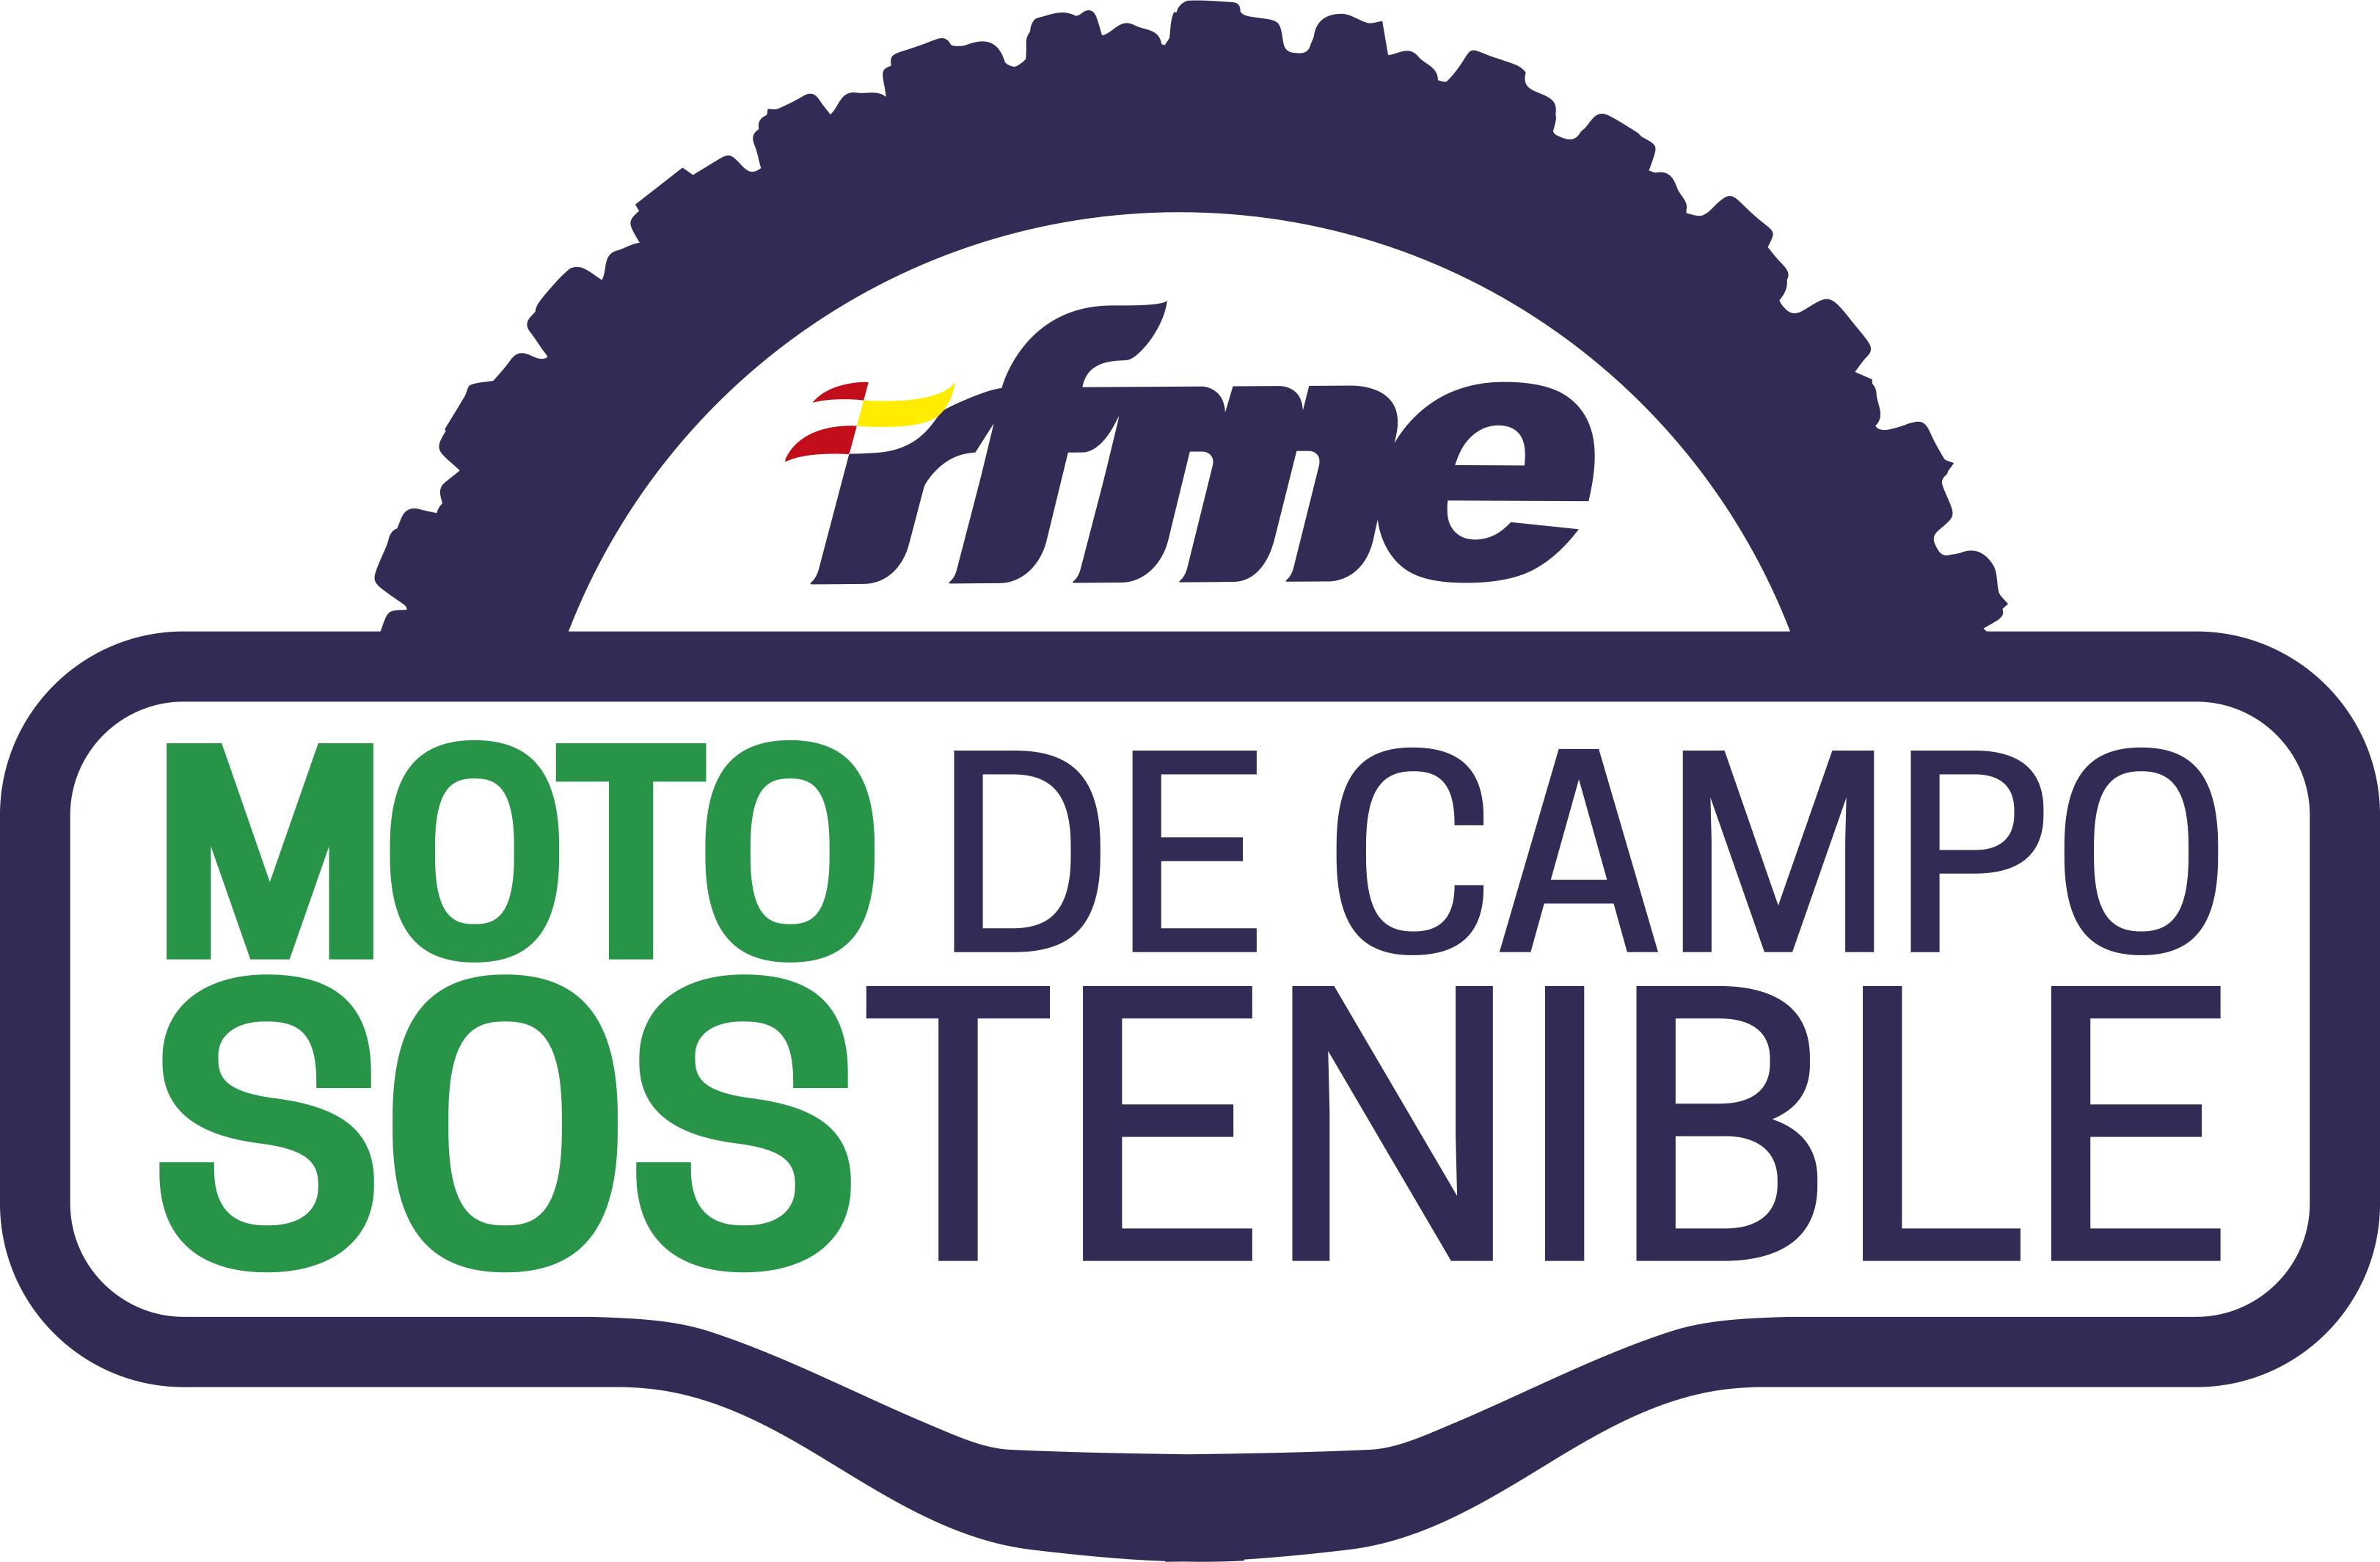 Atractivo acuerdo de Moto de Campo Sostenible